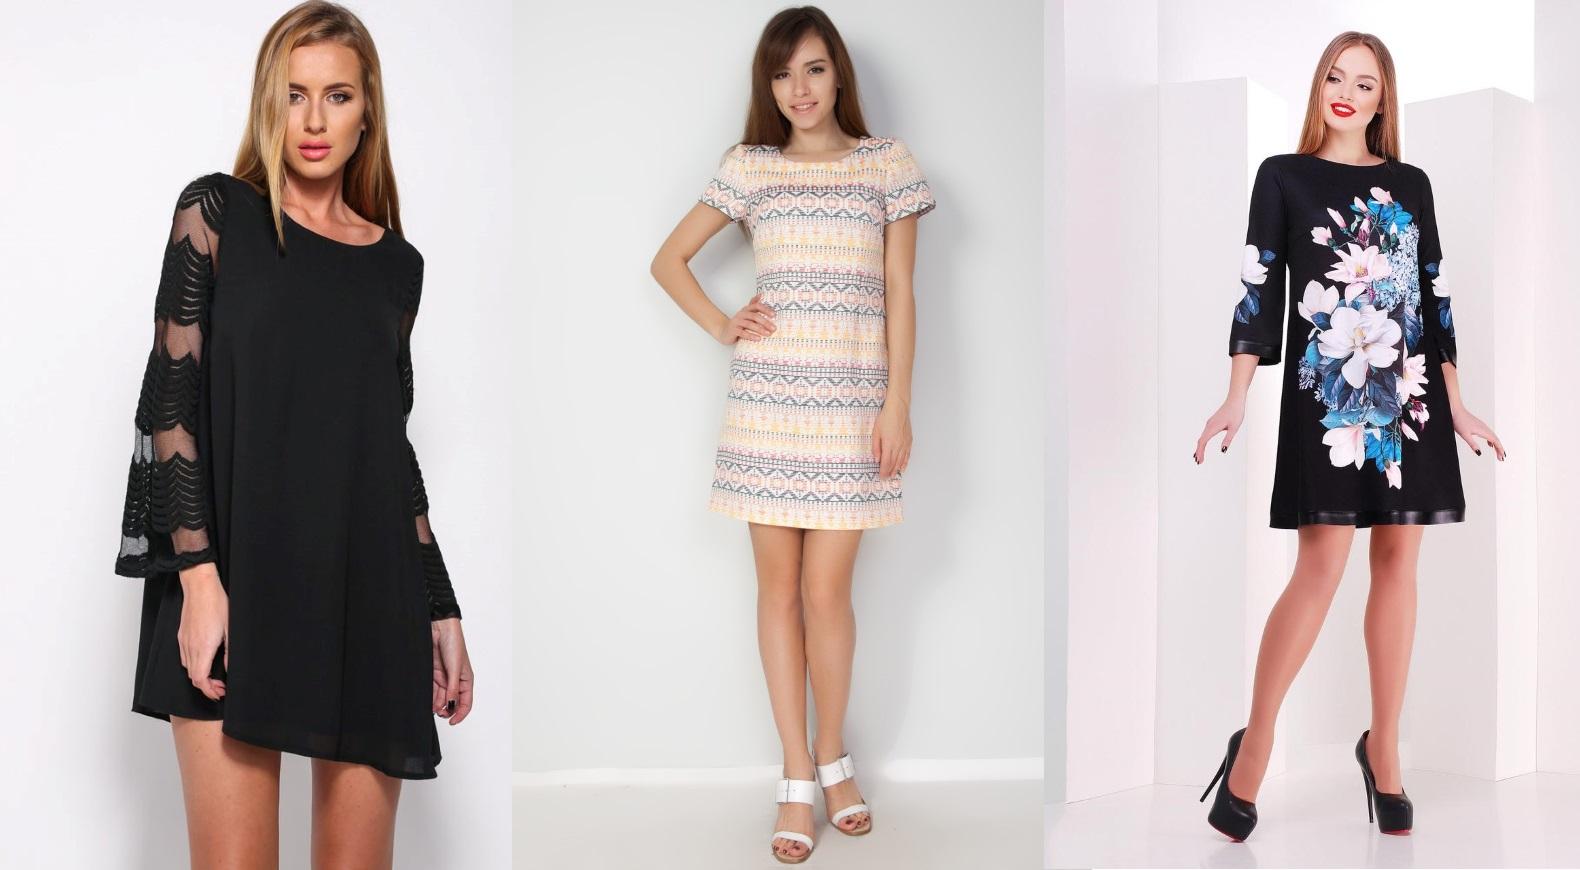 a2c4a0d7f16 Короткое платье имеет преимущество – вопрос «с чем носить» не стоит. С ним  можно комбинировать спортивную обувь и элегантные туфли